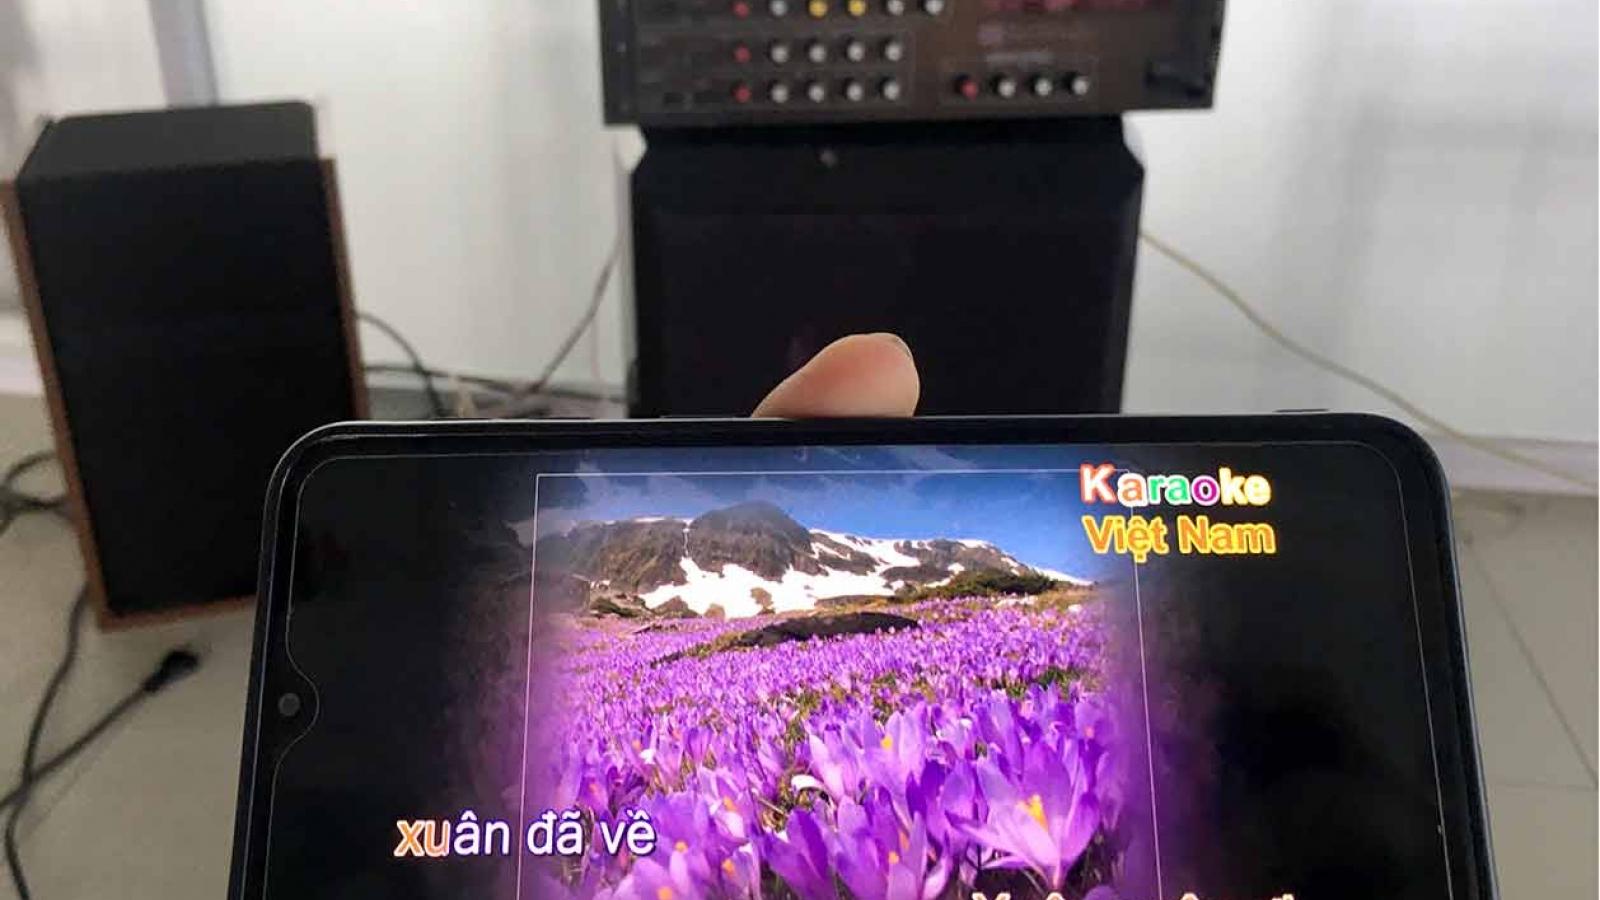 """Cần xử lý dứt điểm """"vấn nạn"""" karaoke"""" tự phát"""